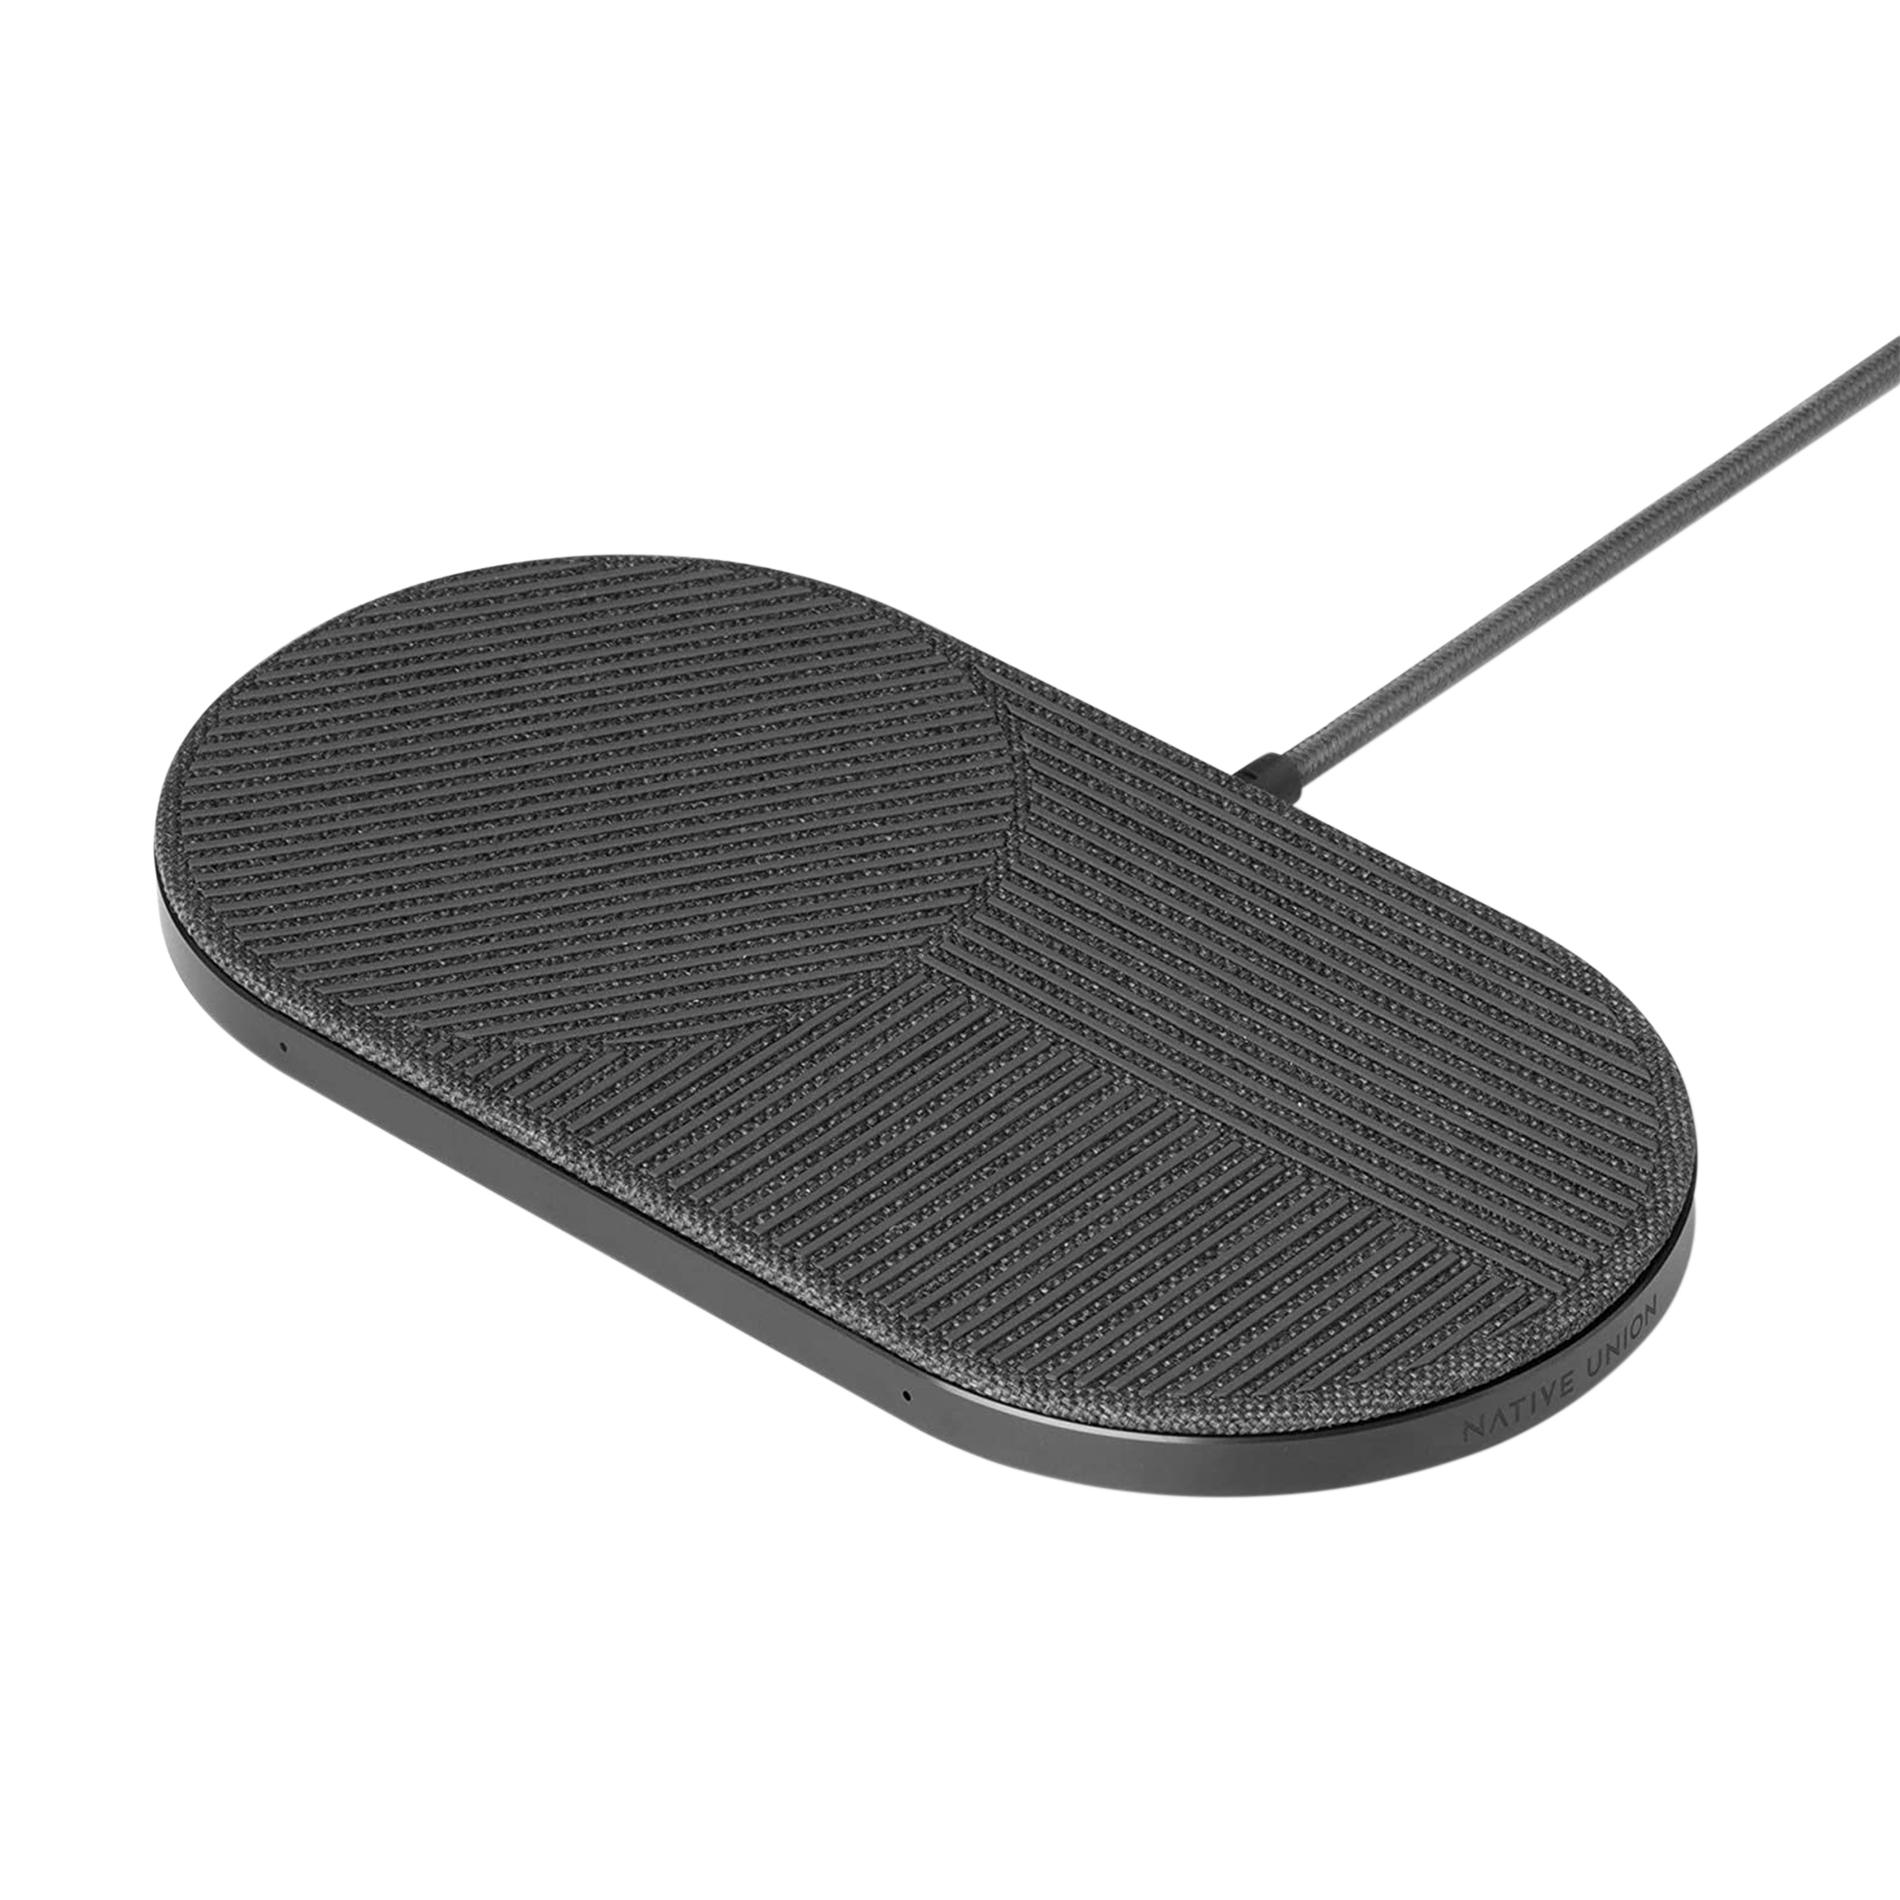 شارژر وایرلس نیتیو یونیون مدل Drop Wireless XL